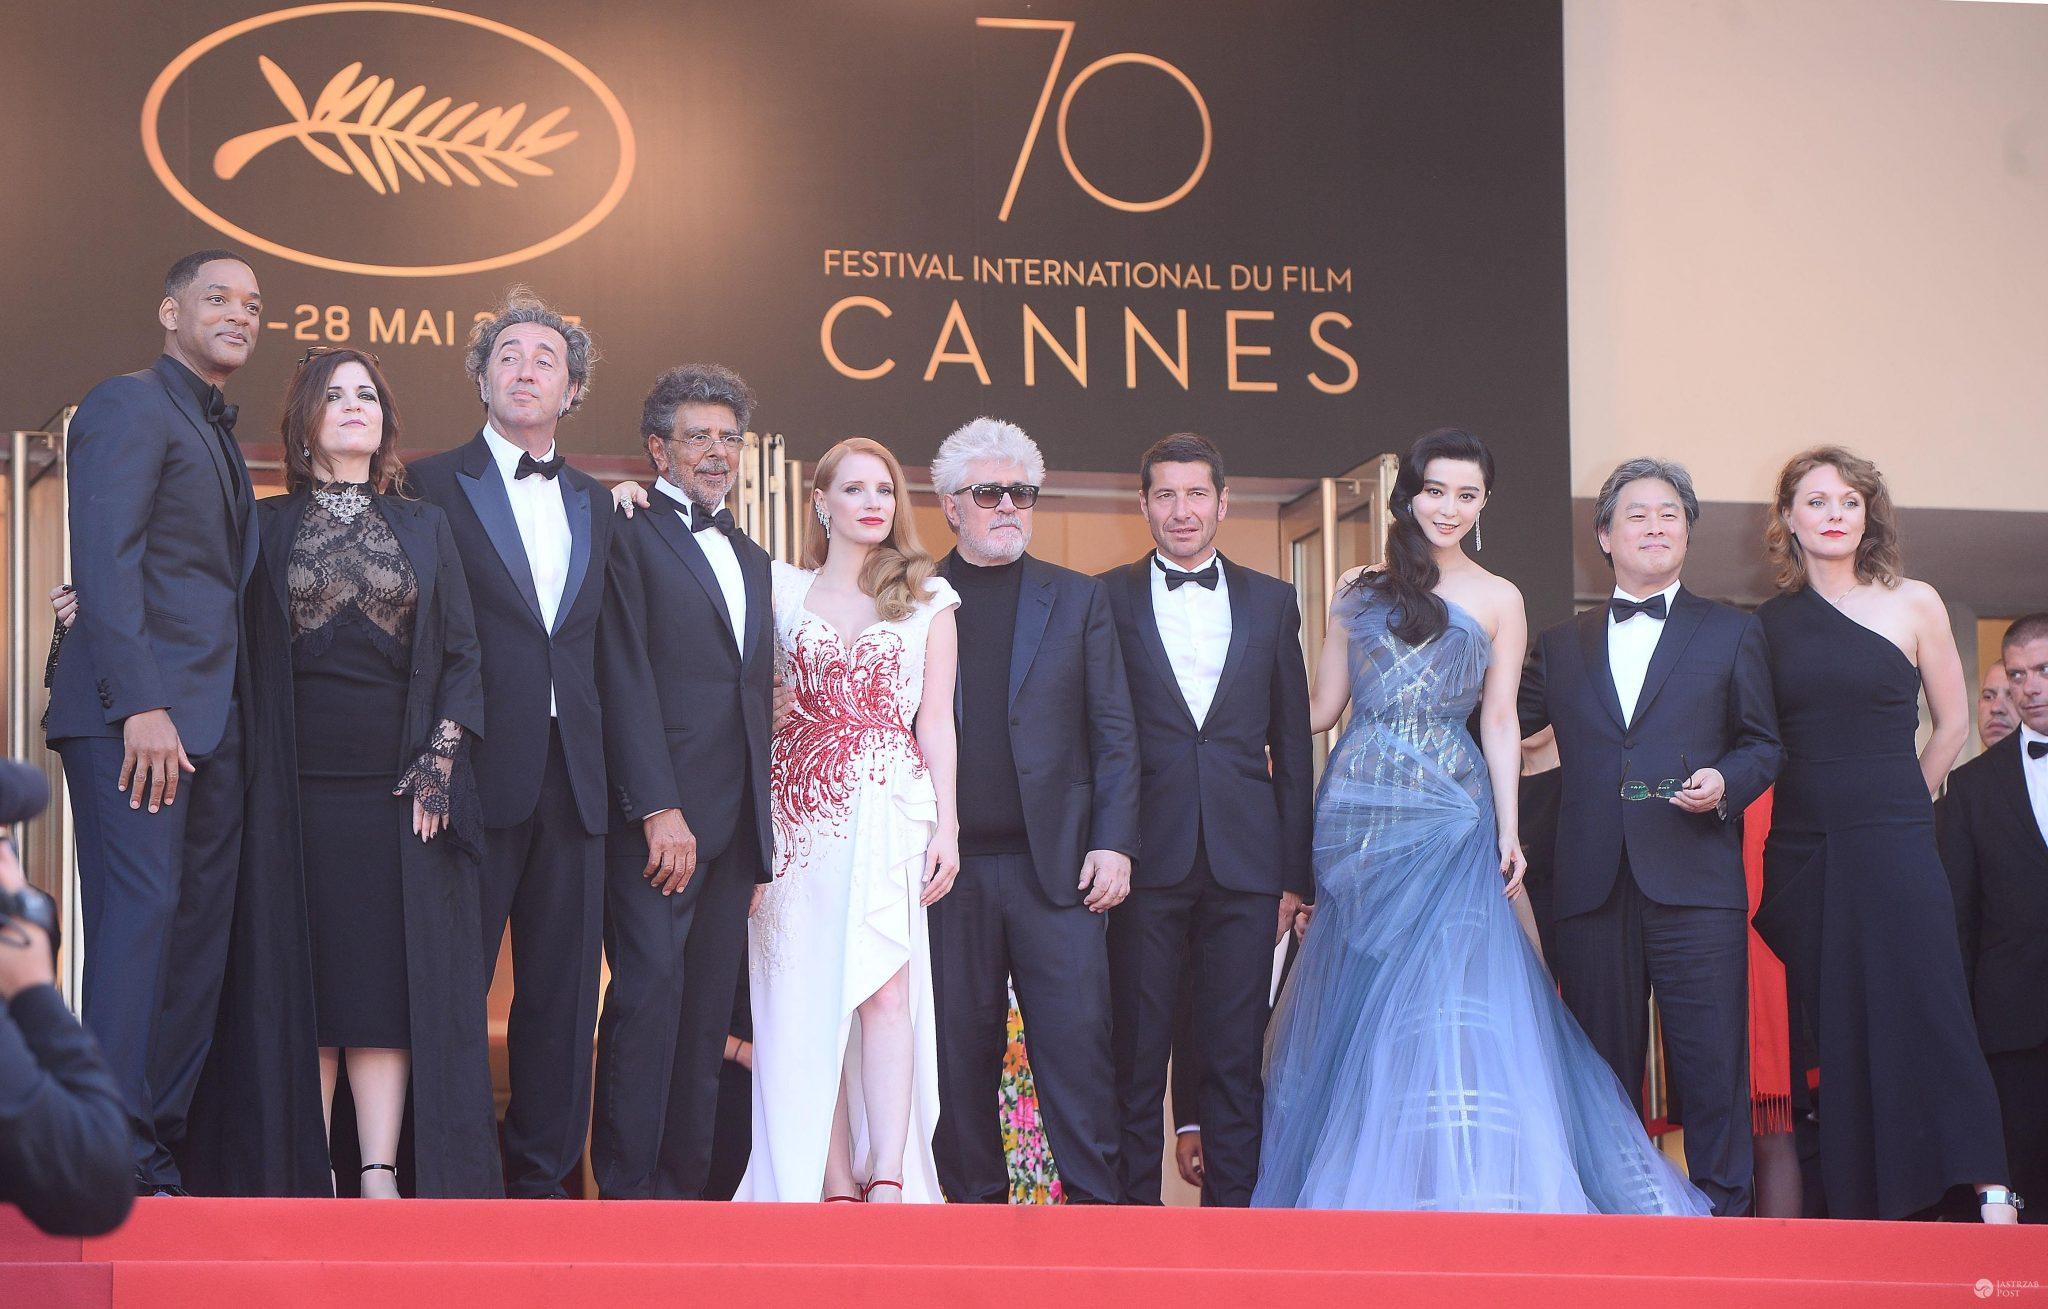 Cannes 2017- zamkniecie festiwalu